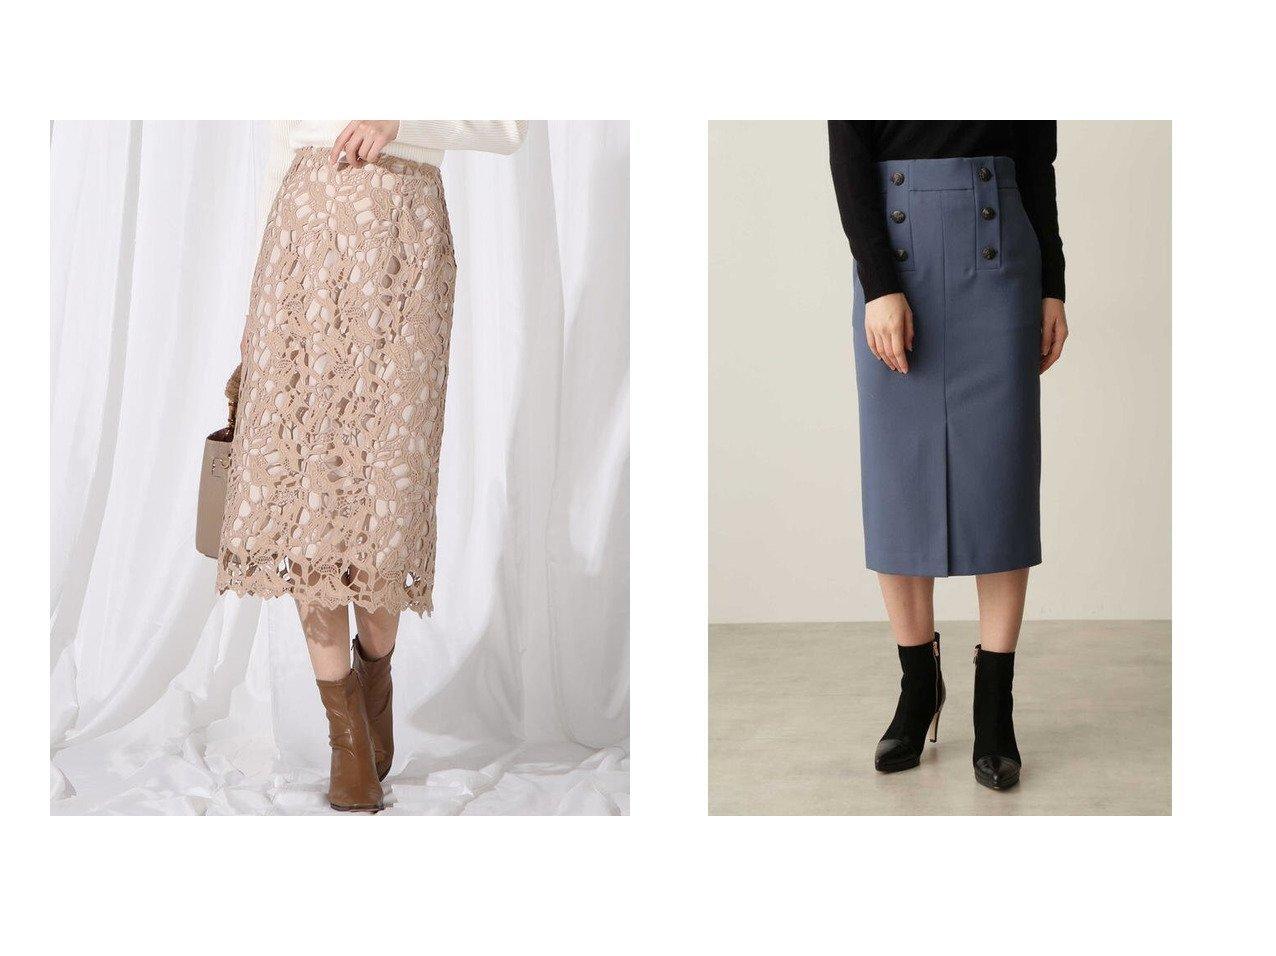 【QUEENS COURT/クイーンズ コート】のチューリップケミカルレースタイトスカート&【Pinky&Dianne/ピンキーアンドダイアン】のストレッチツイルダブルボタンスカート スカートのおすすめ!人気、レディースファッションの通販 おすすめで人気のファッション通販商品 インテリア・家具・キッズファッション・メンズファッション・レディースファッション・服の通販 founy(ファニー) https://founy.com/ ファッション Fashion レディース WOMEN スカート Skirt エレガント ガーリー タイトスカート フェミニン リュクス レース 無地 ダブル フロント ミモレ |ID:crp329100000002186